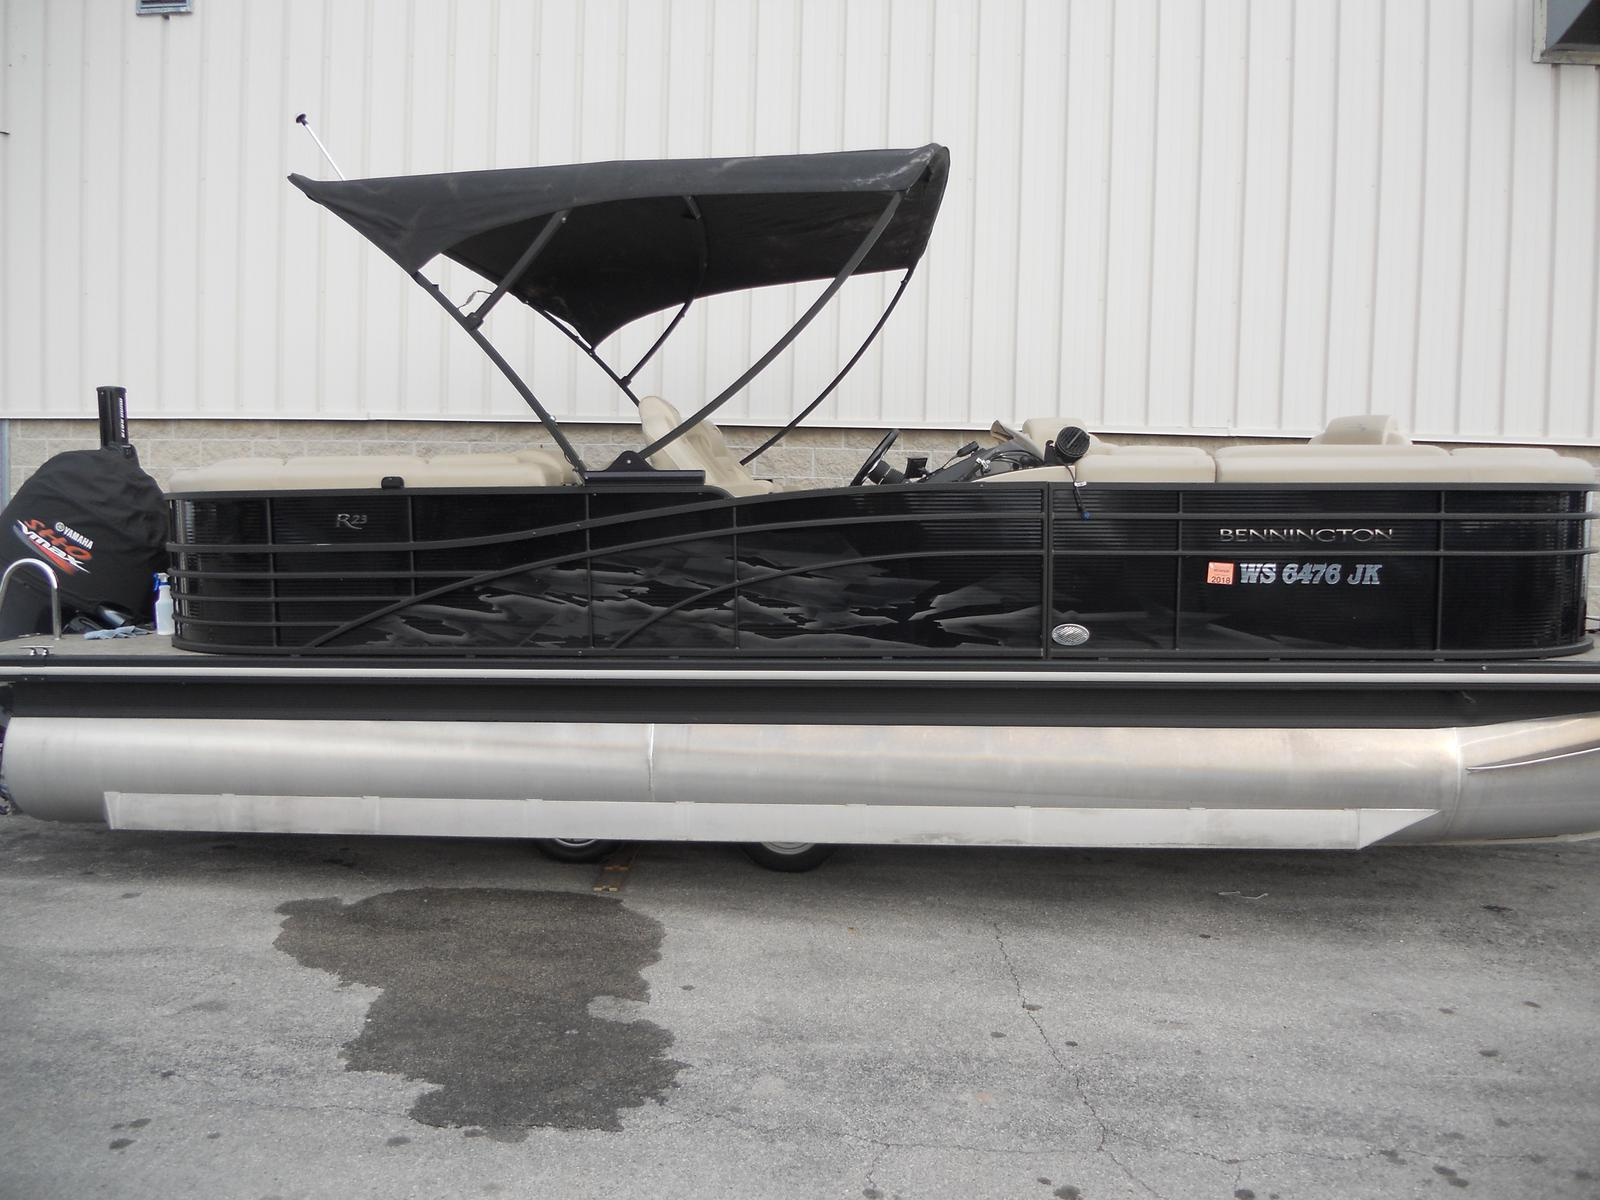 Bennington 2350 RSR